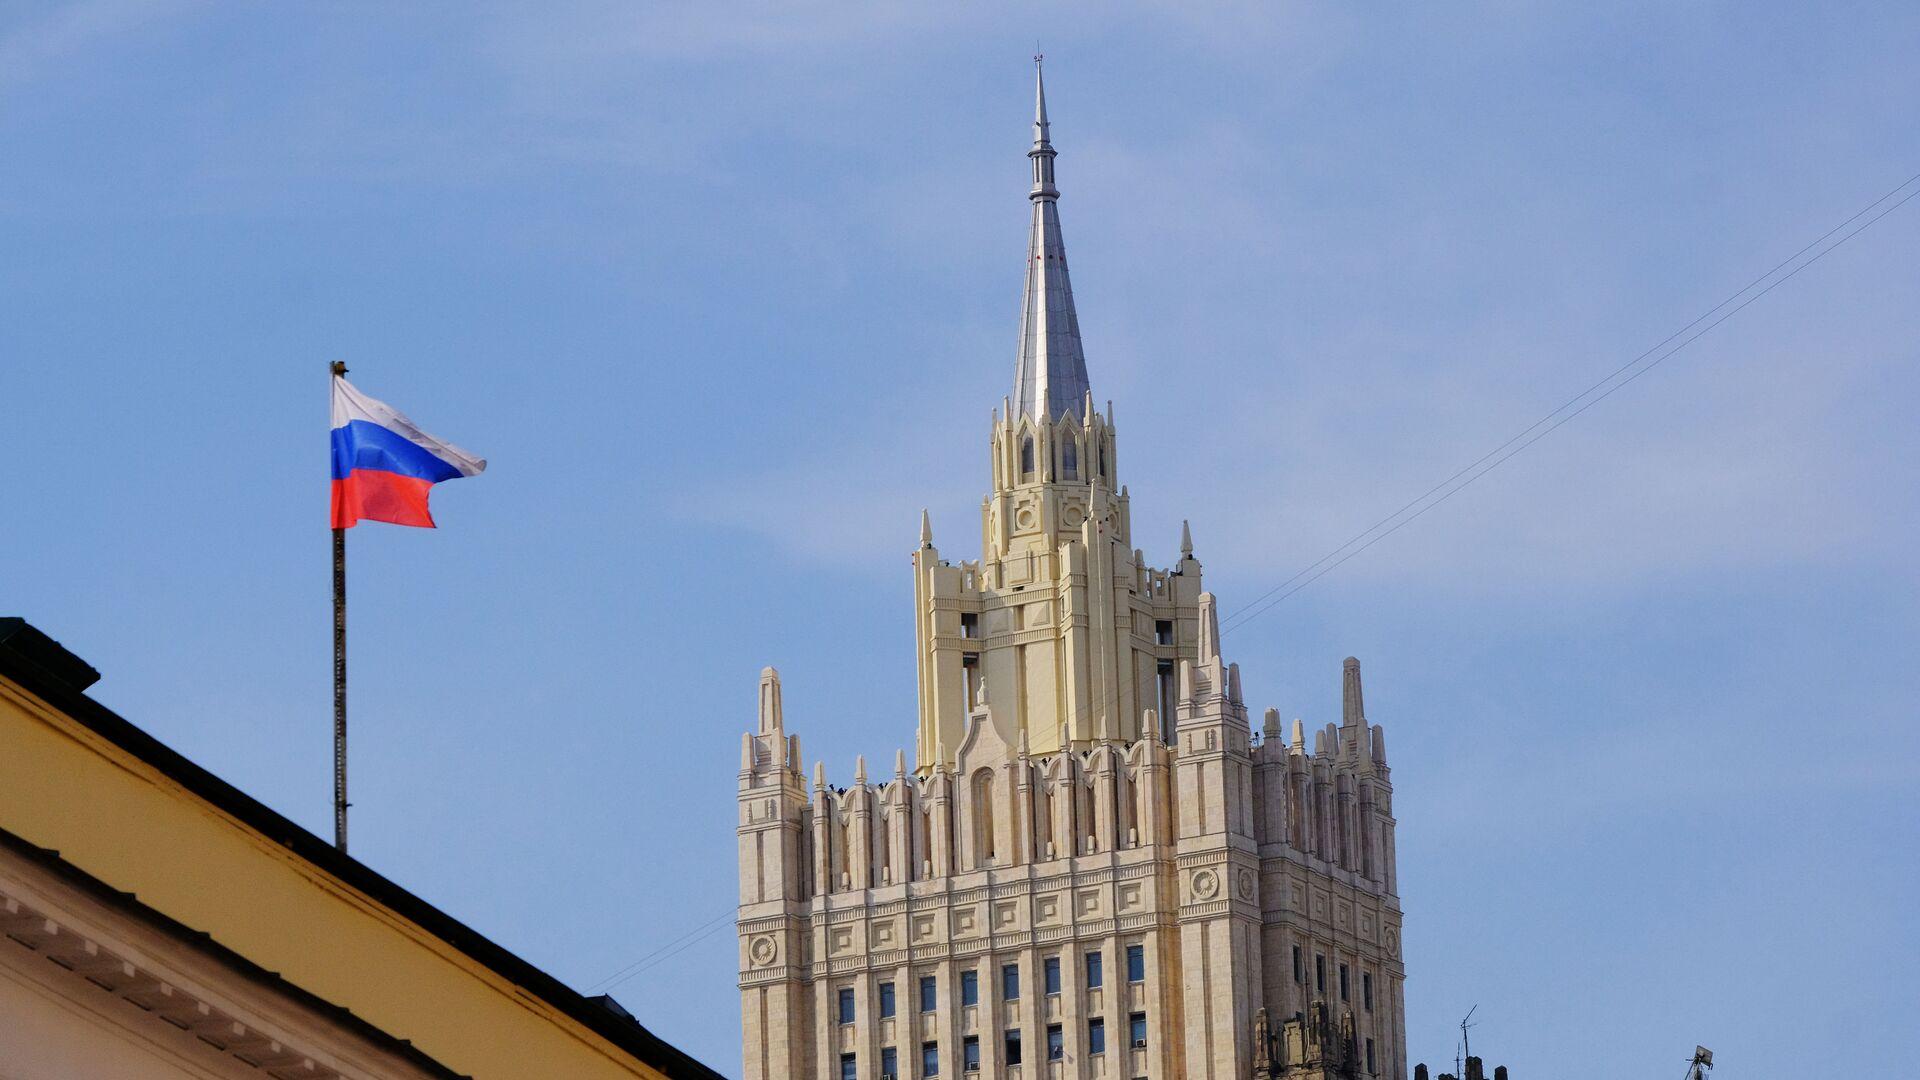 Здание министерства иностранных дел РФ на Смоленской-Сенной площади в Москве - Sputnik Беларусь, 1920, 25.09.2021